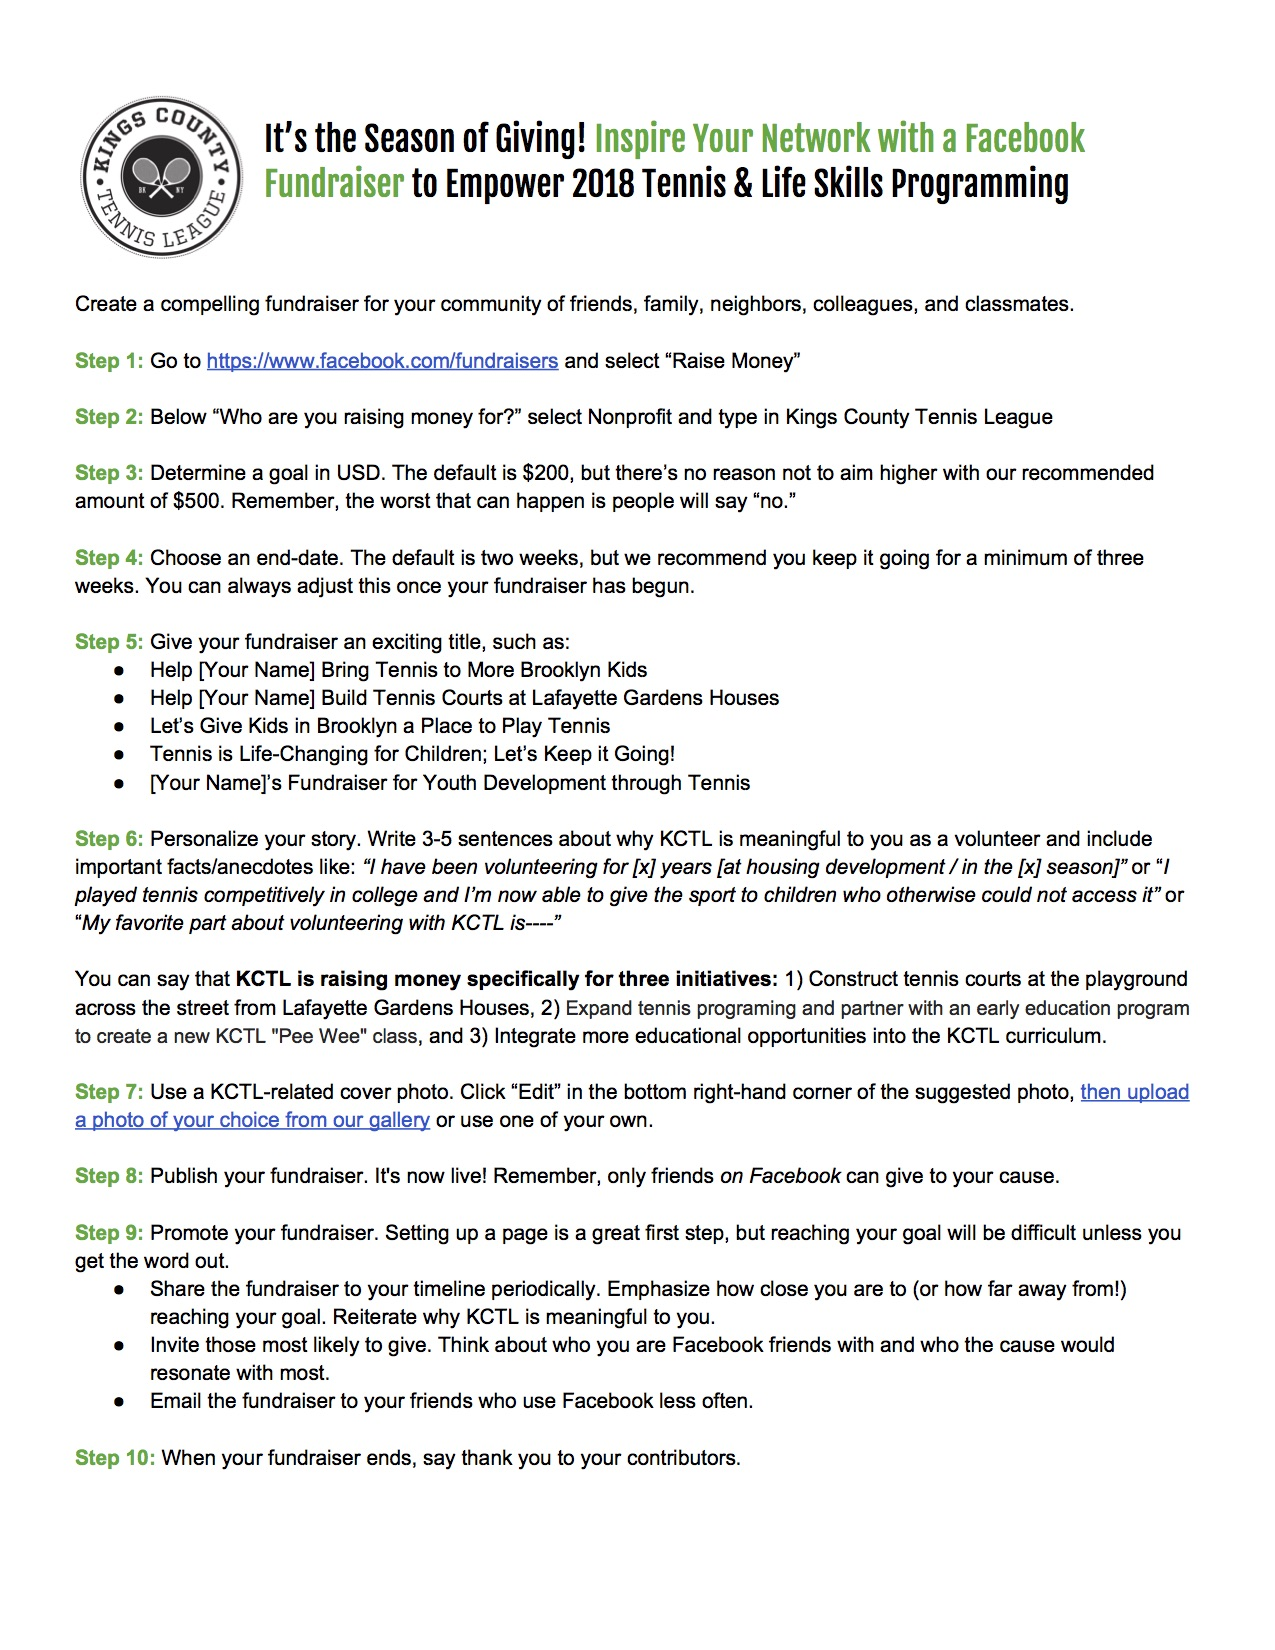 KCTL Facebook Fundraiser Guide - Volunteers.jpg